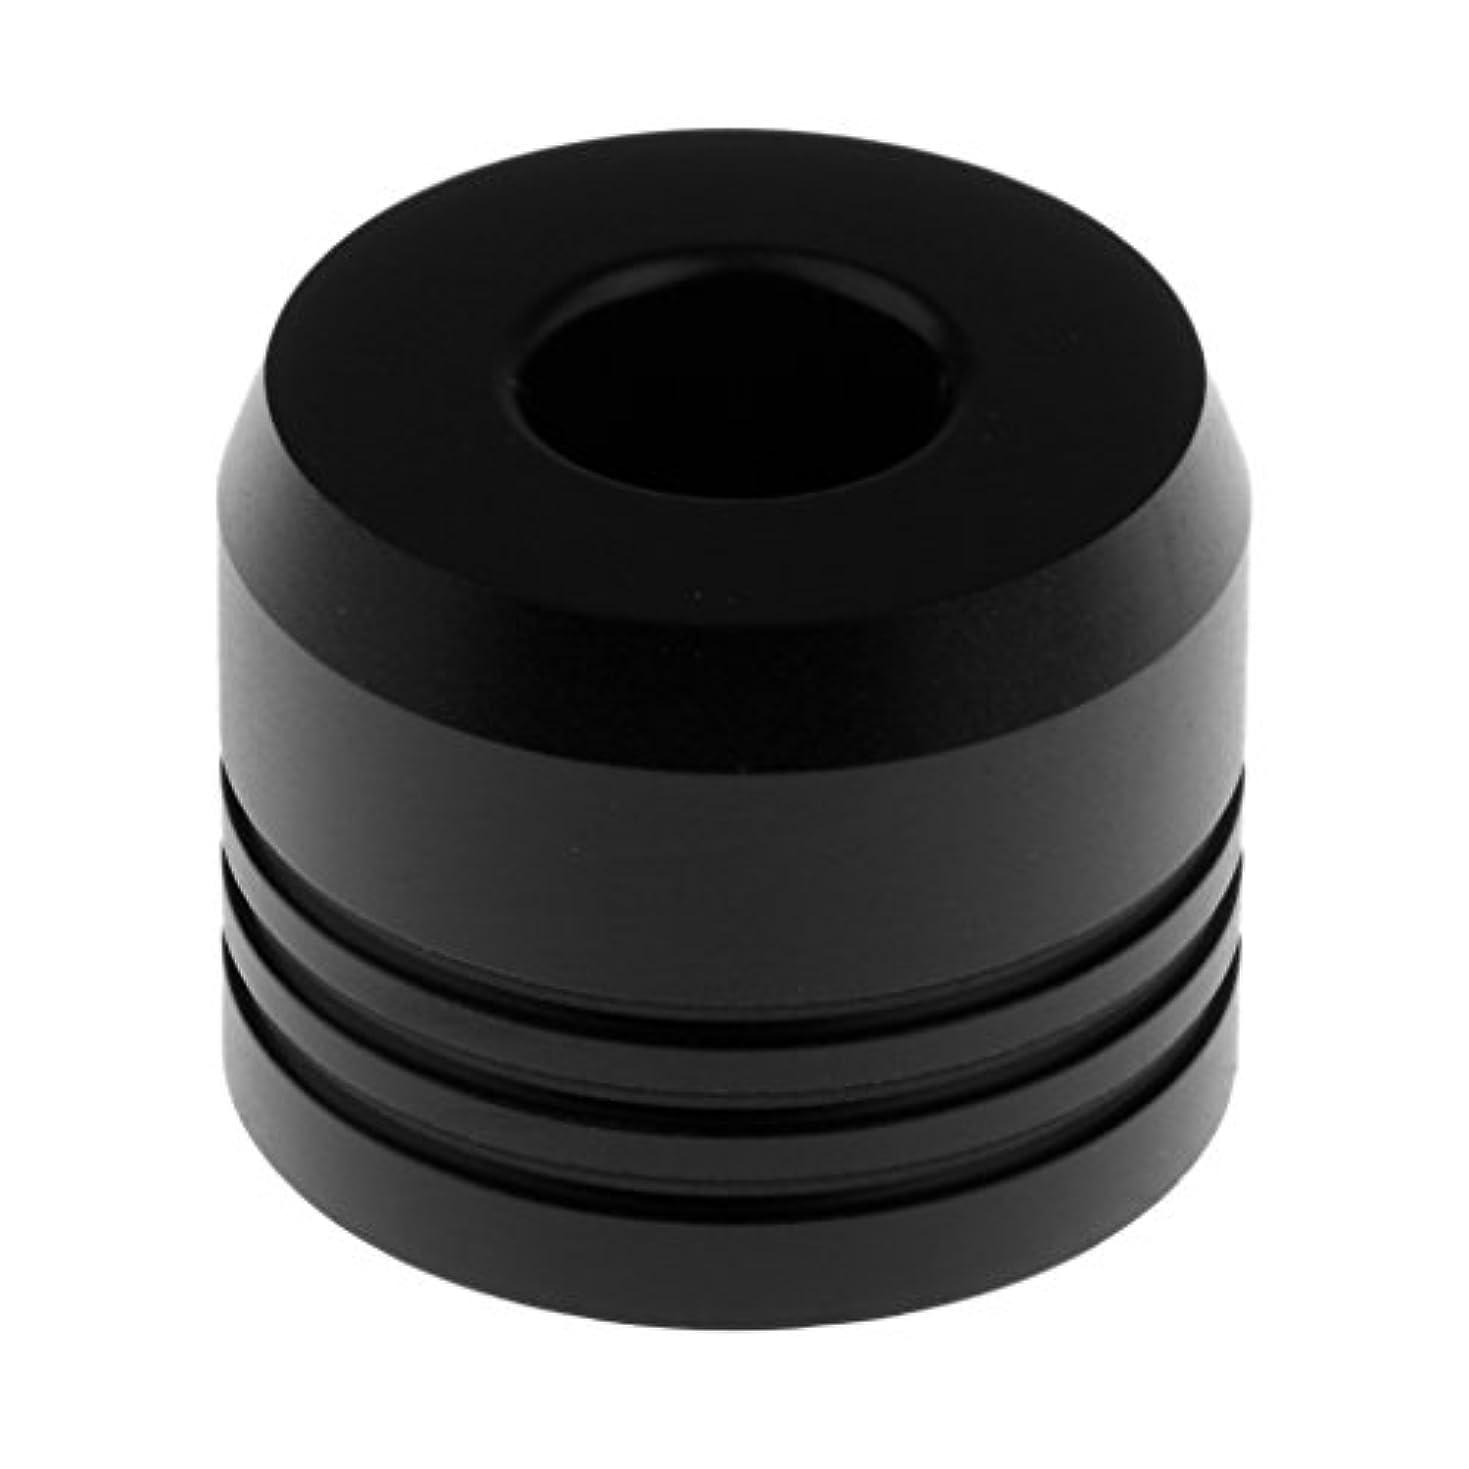 見込み損失軽減するカミソリスタンド スタンド メンズ シェービング カミソリホルダー サポート 調節可 ベース 2色選べ - ブラック